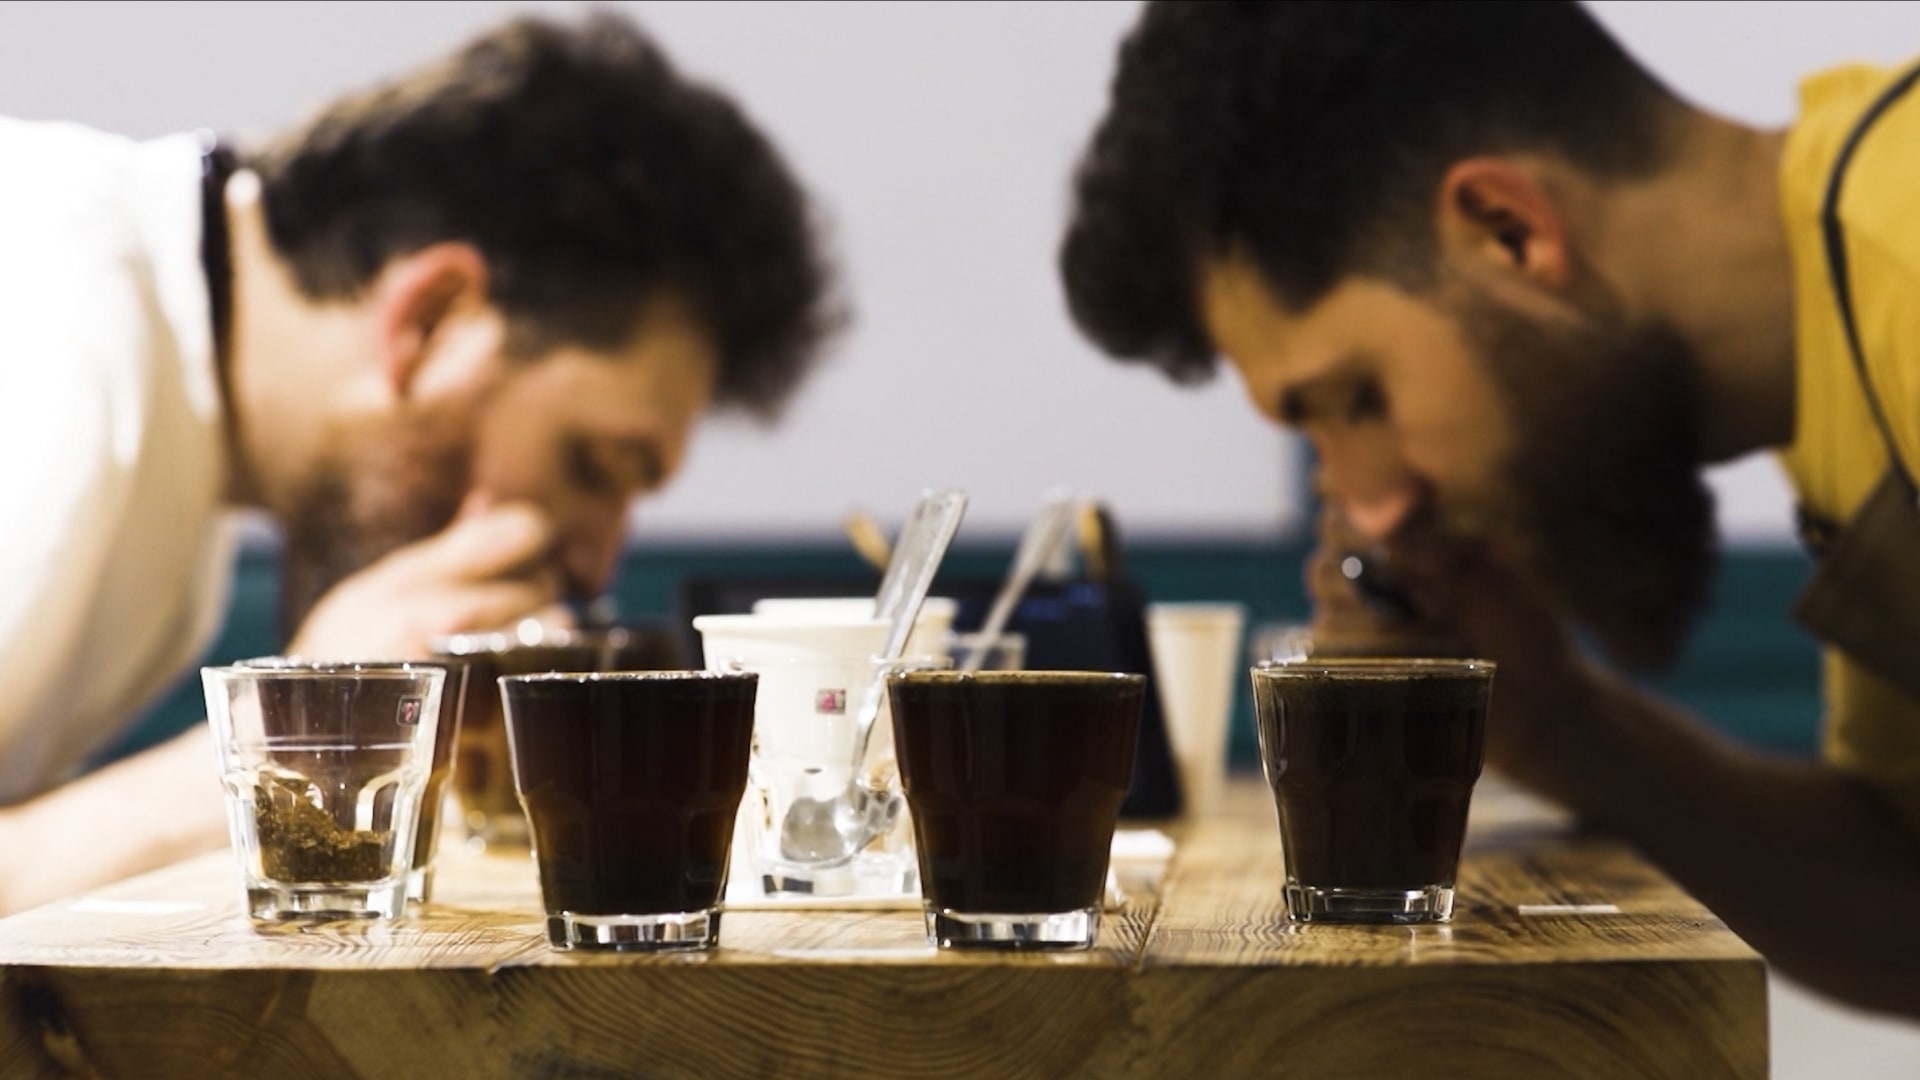 مصر..ما هي أول عاصمة عربية للقهوة في العالم؟